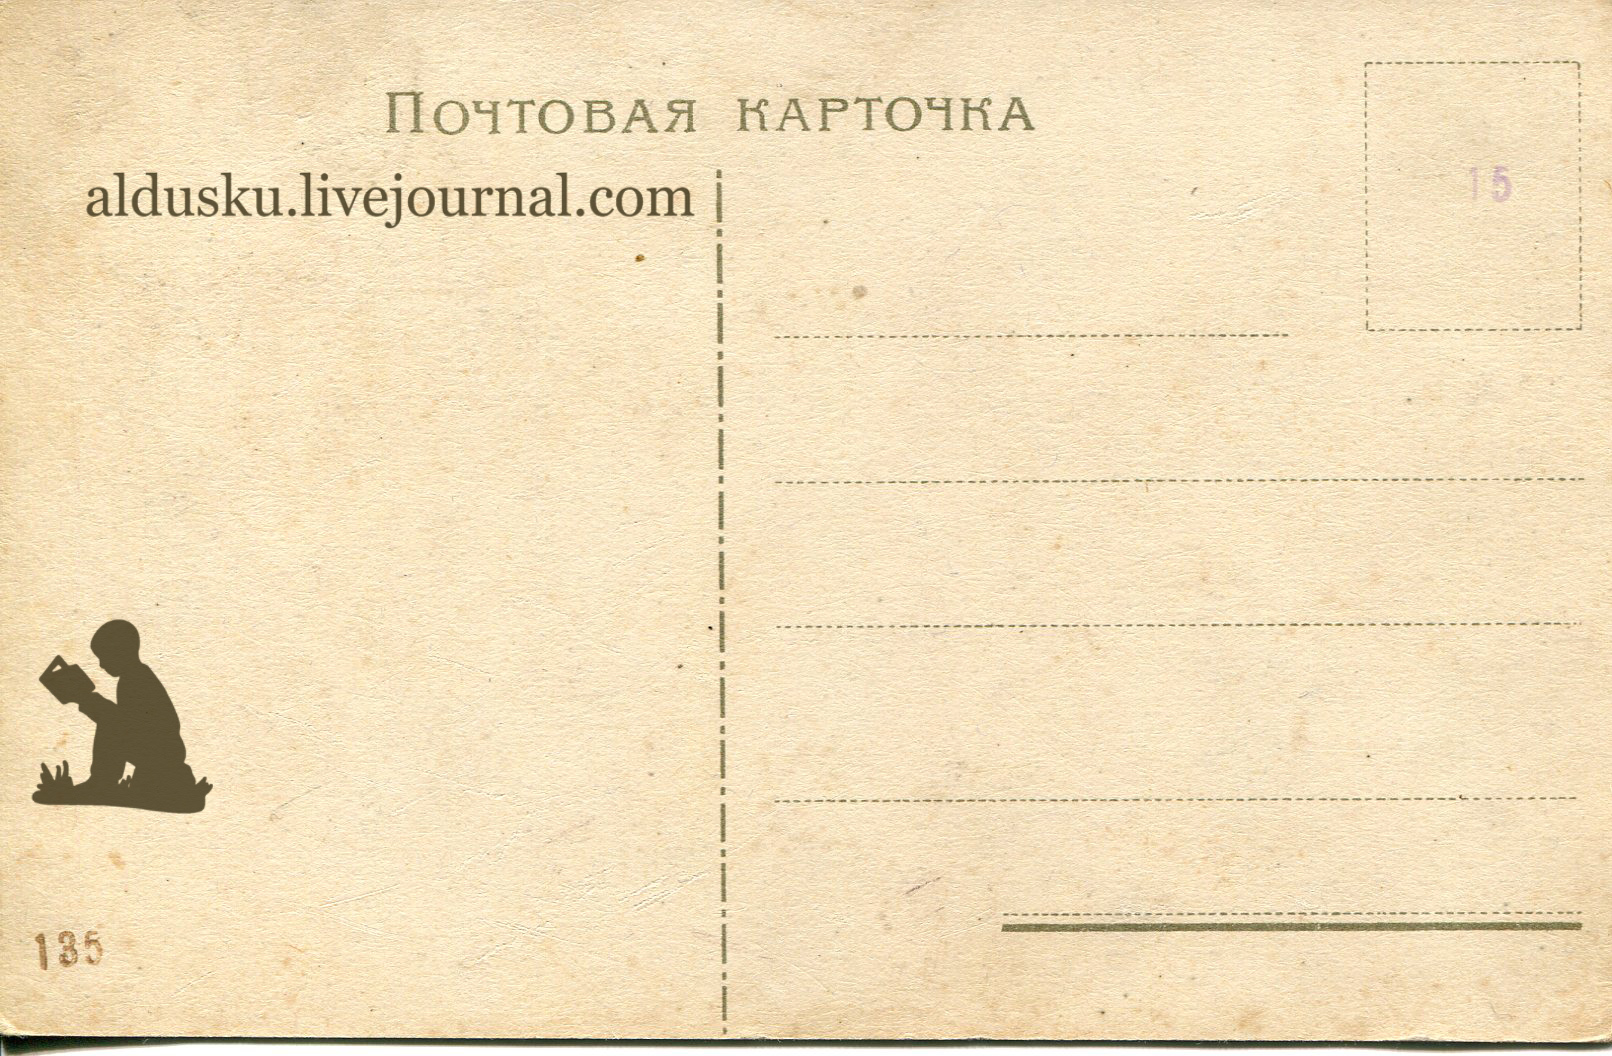 Обратная сторона открытки